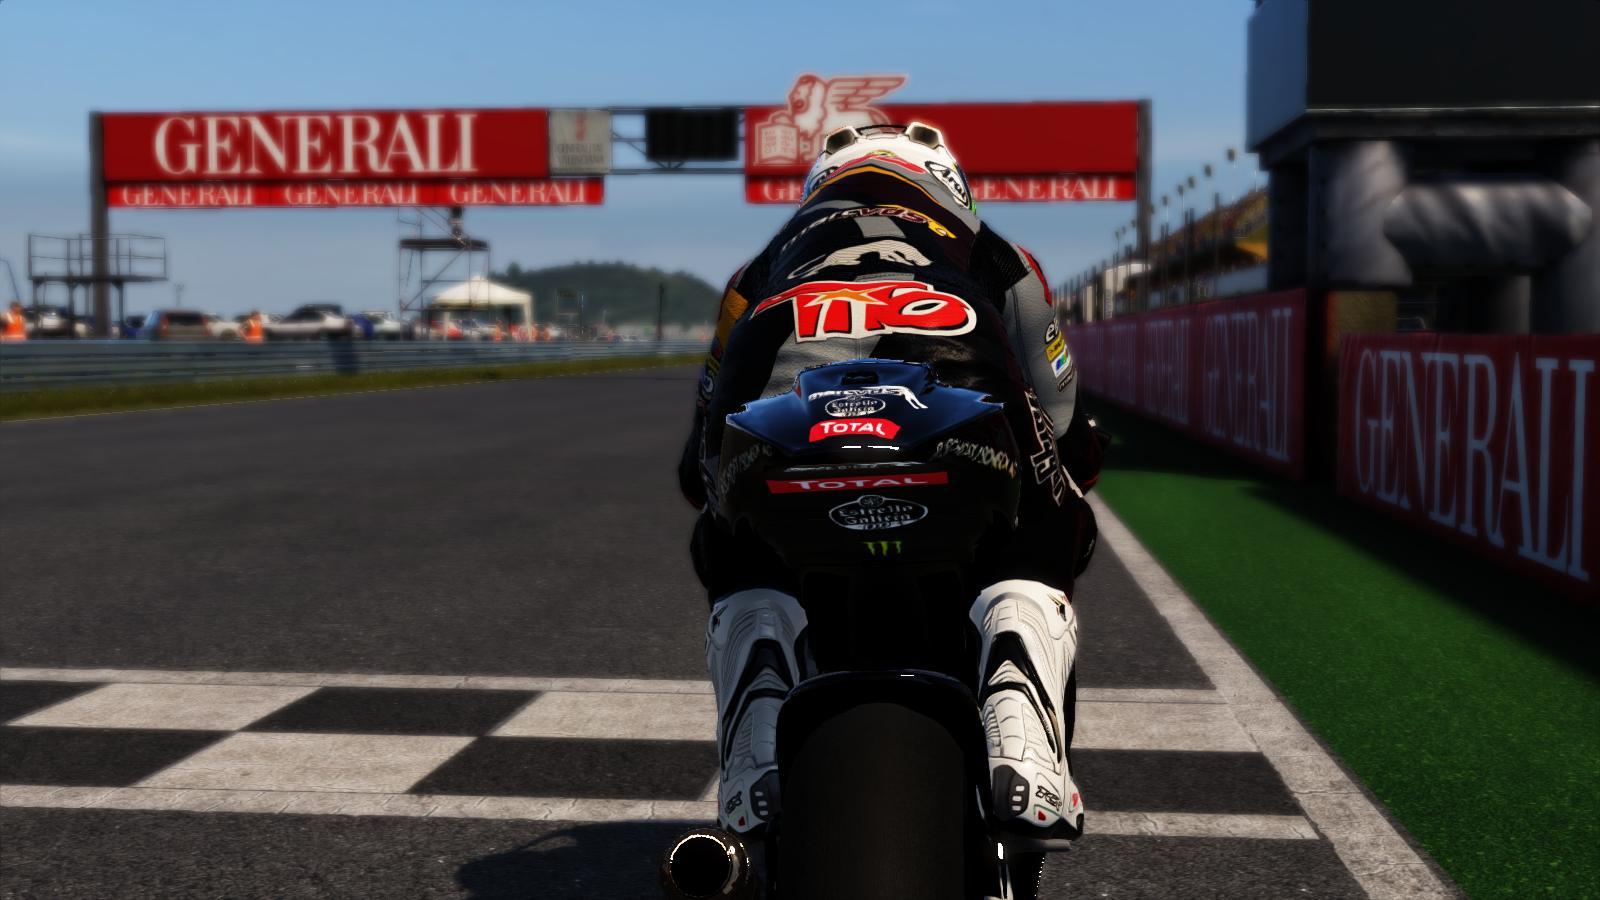 MotoGP14 2015-02-13 00-05-43-07.jpg